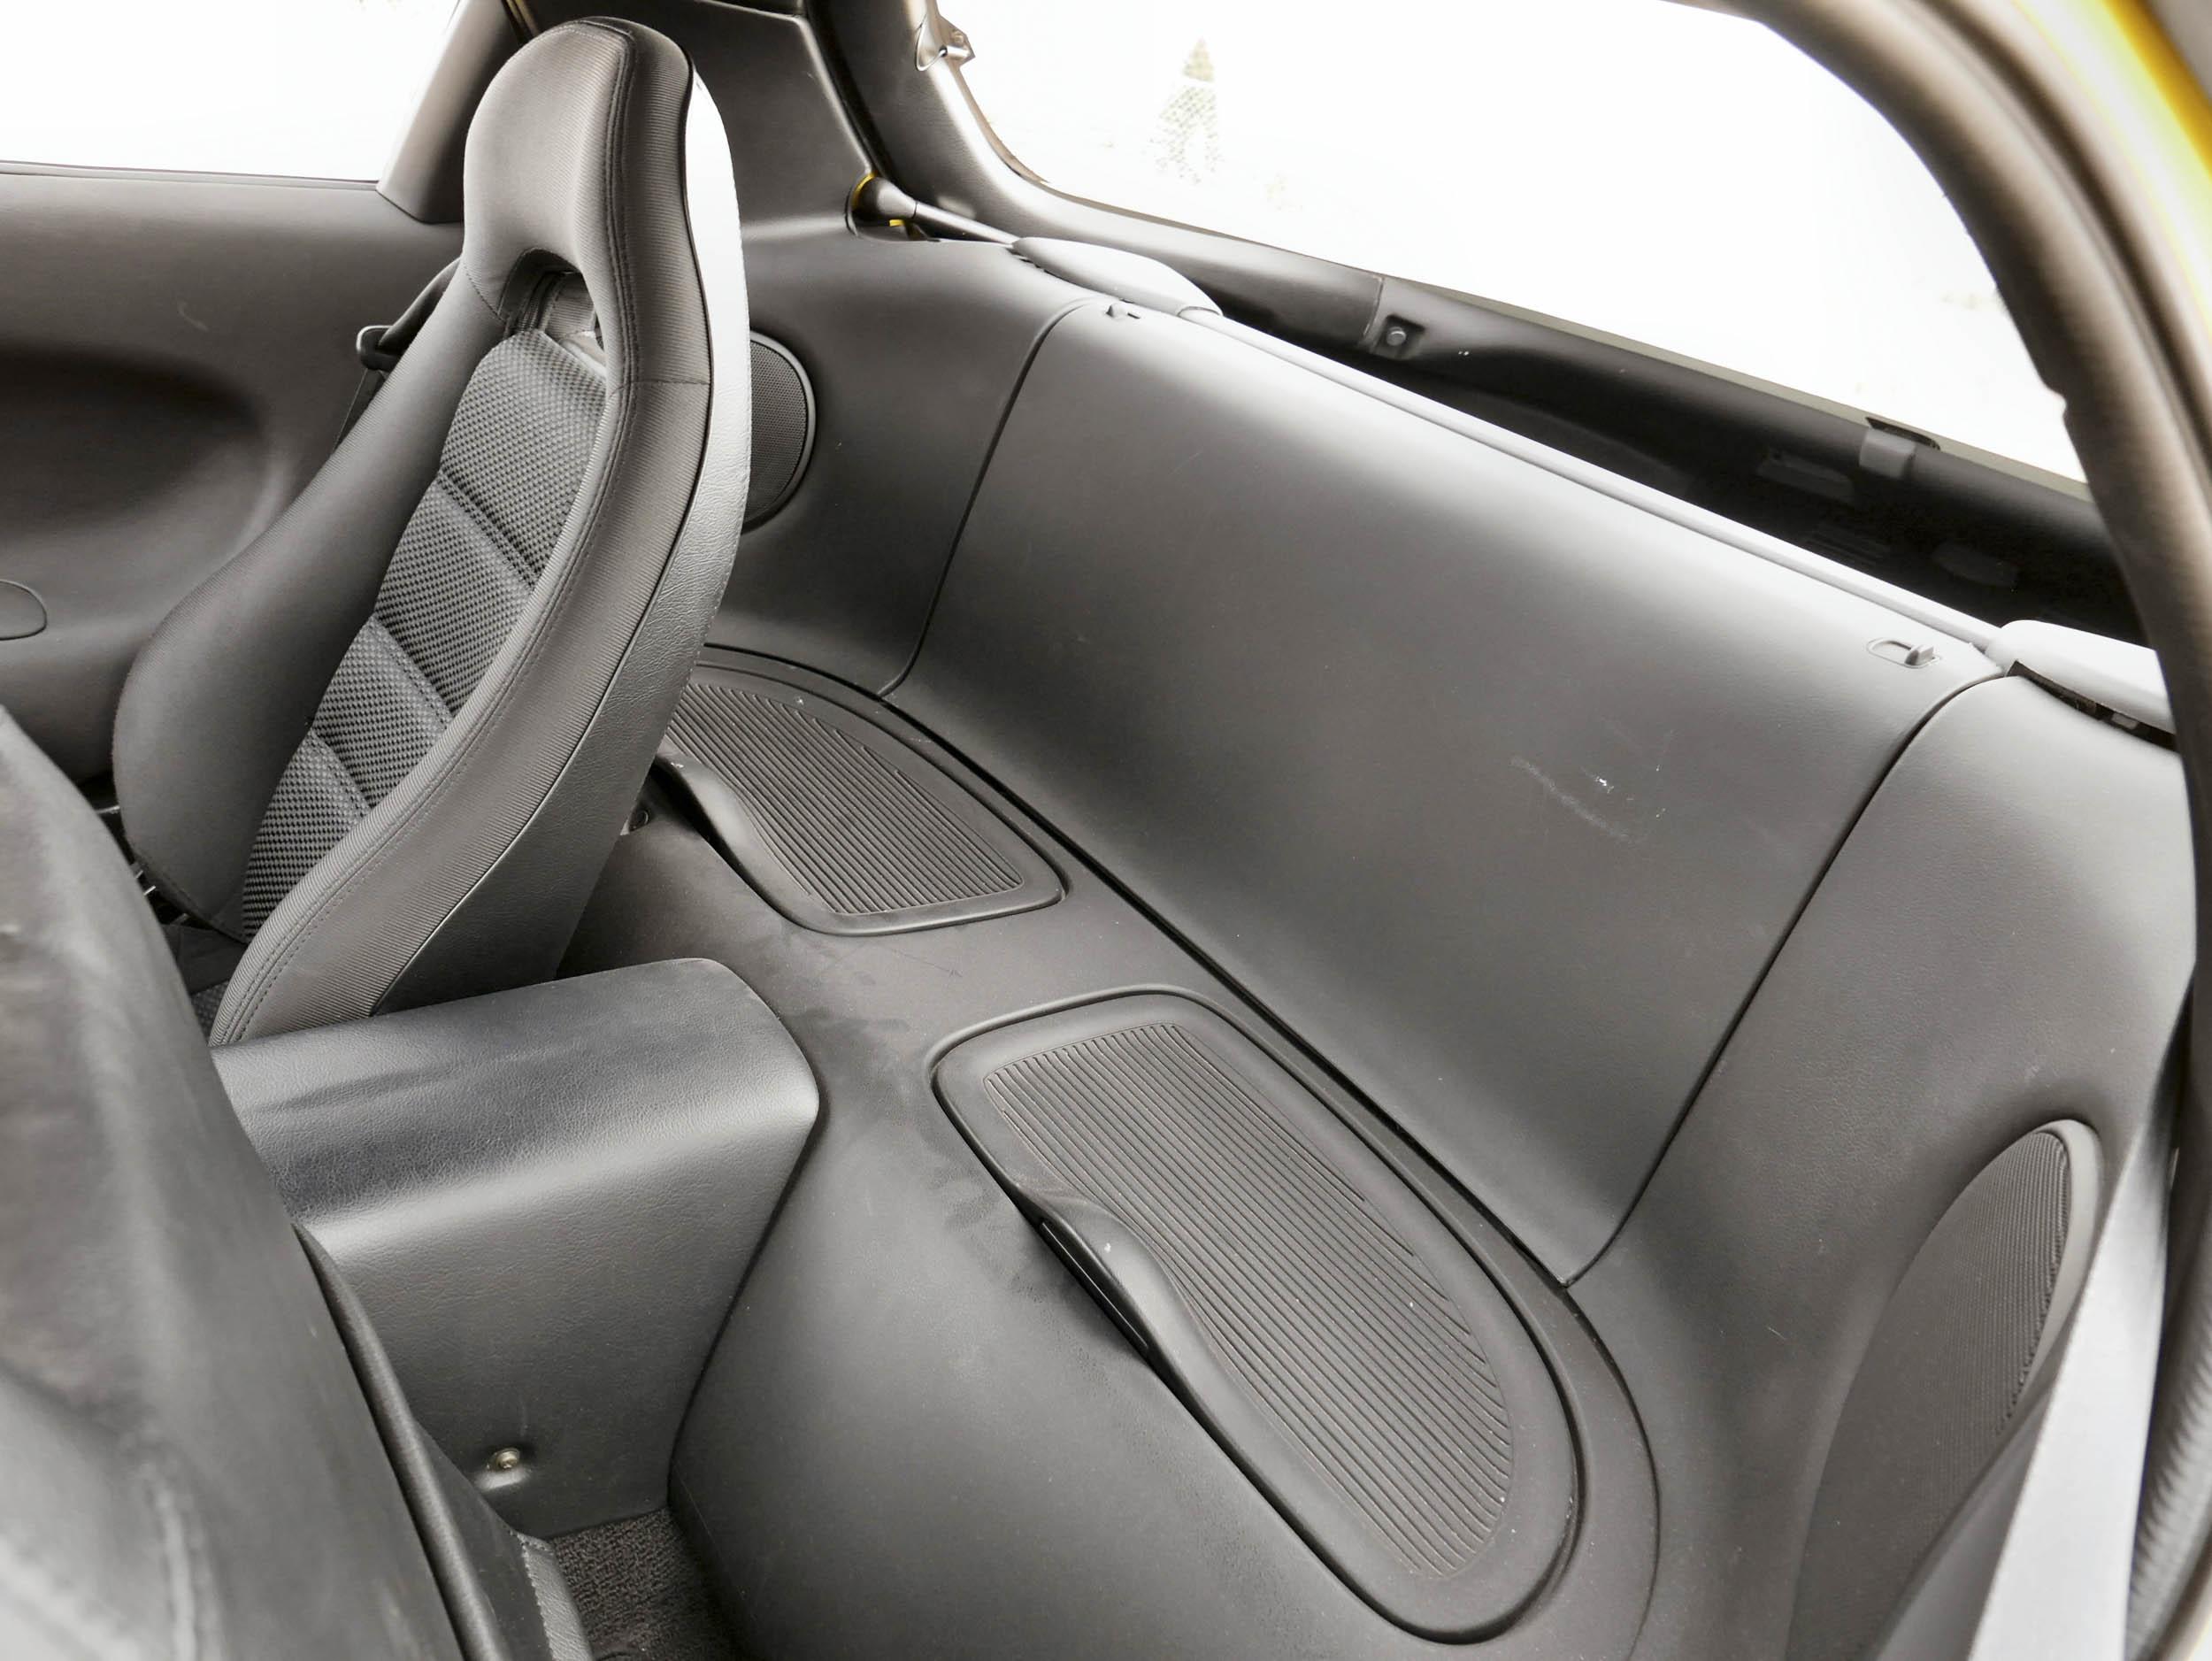 Mazda RX-7 backseat